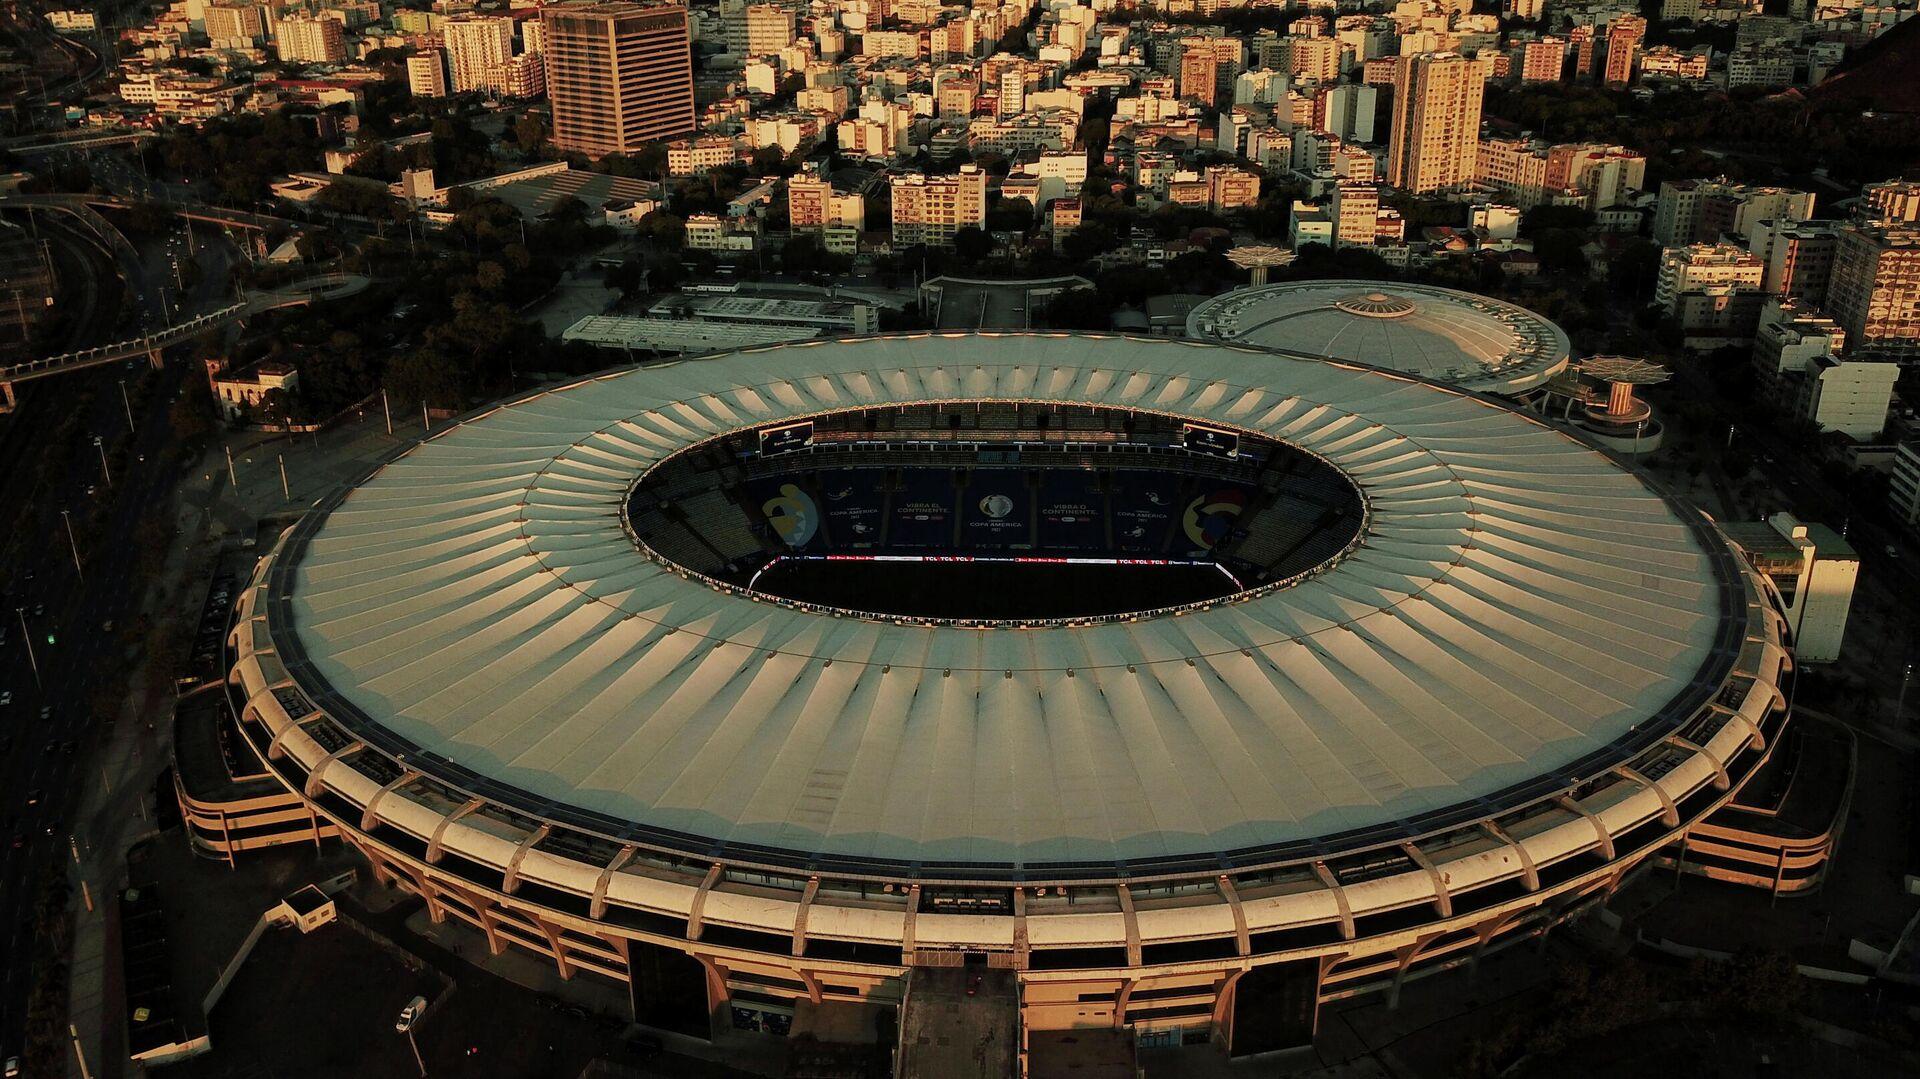 El estadio de Maracaná de Río de Janeiro, Brasil - Sputnik Mundo, 1920, 10.07.2021